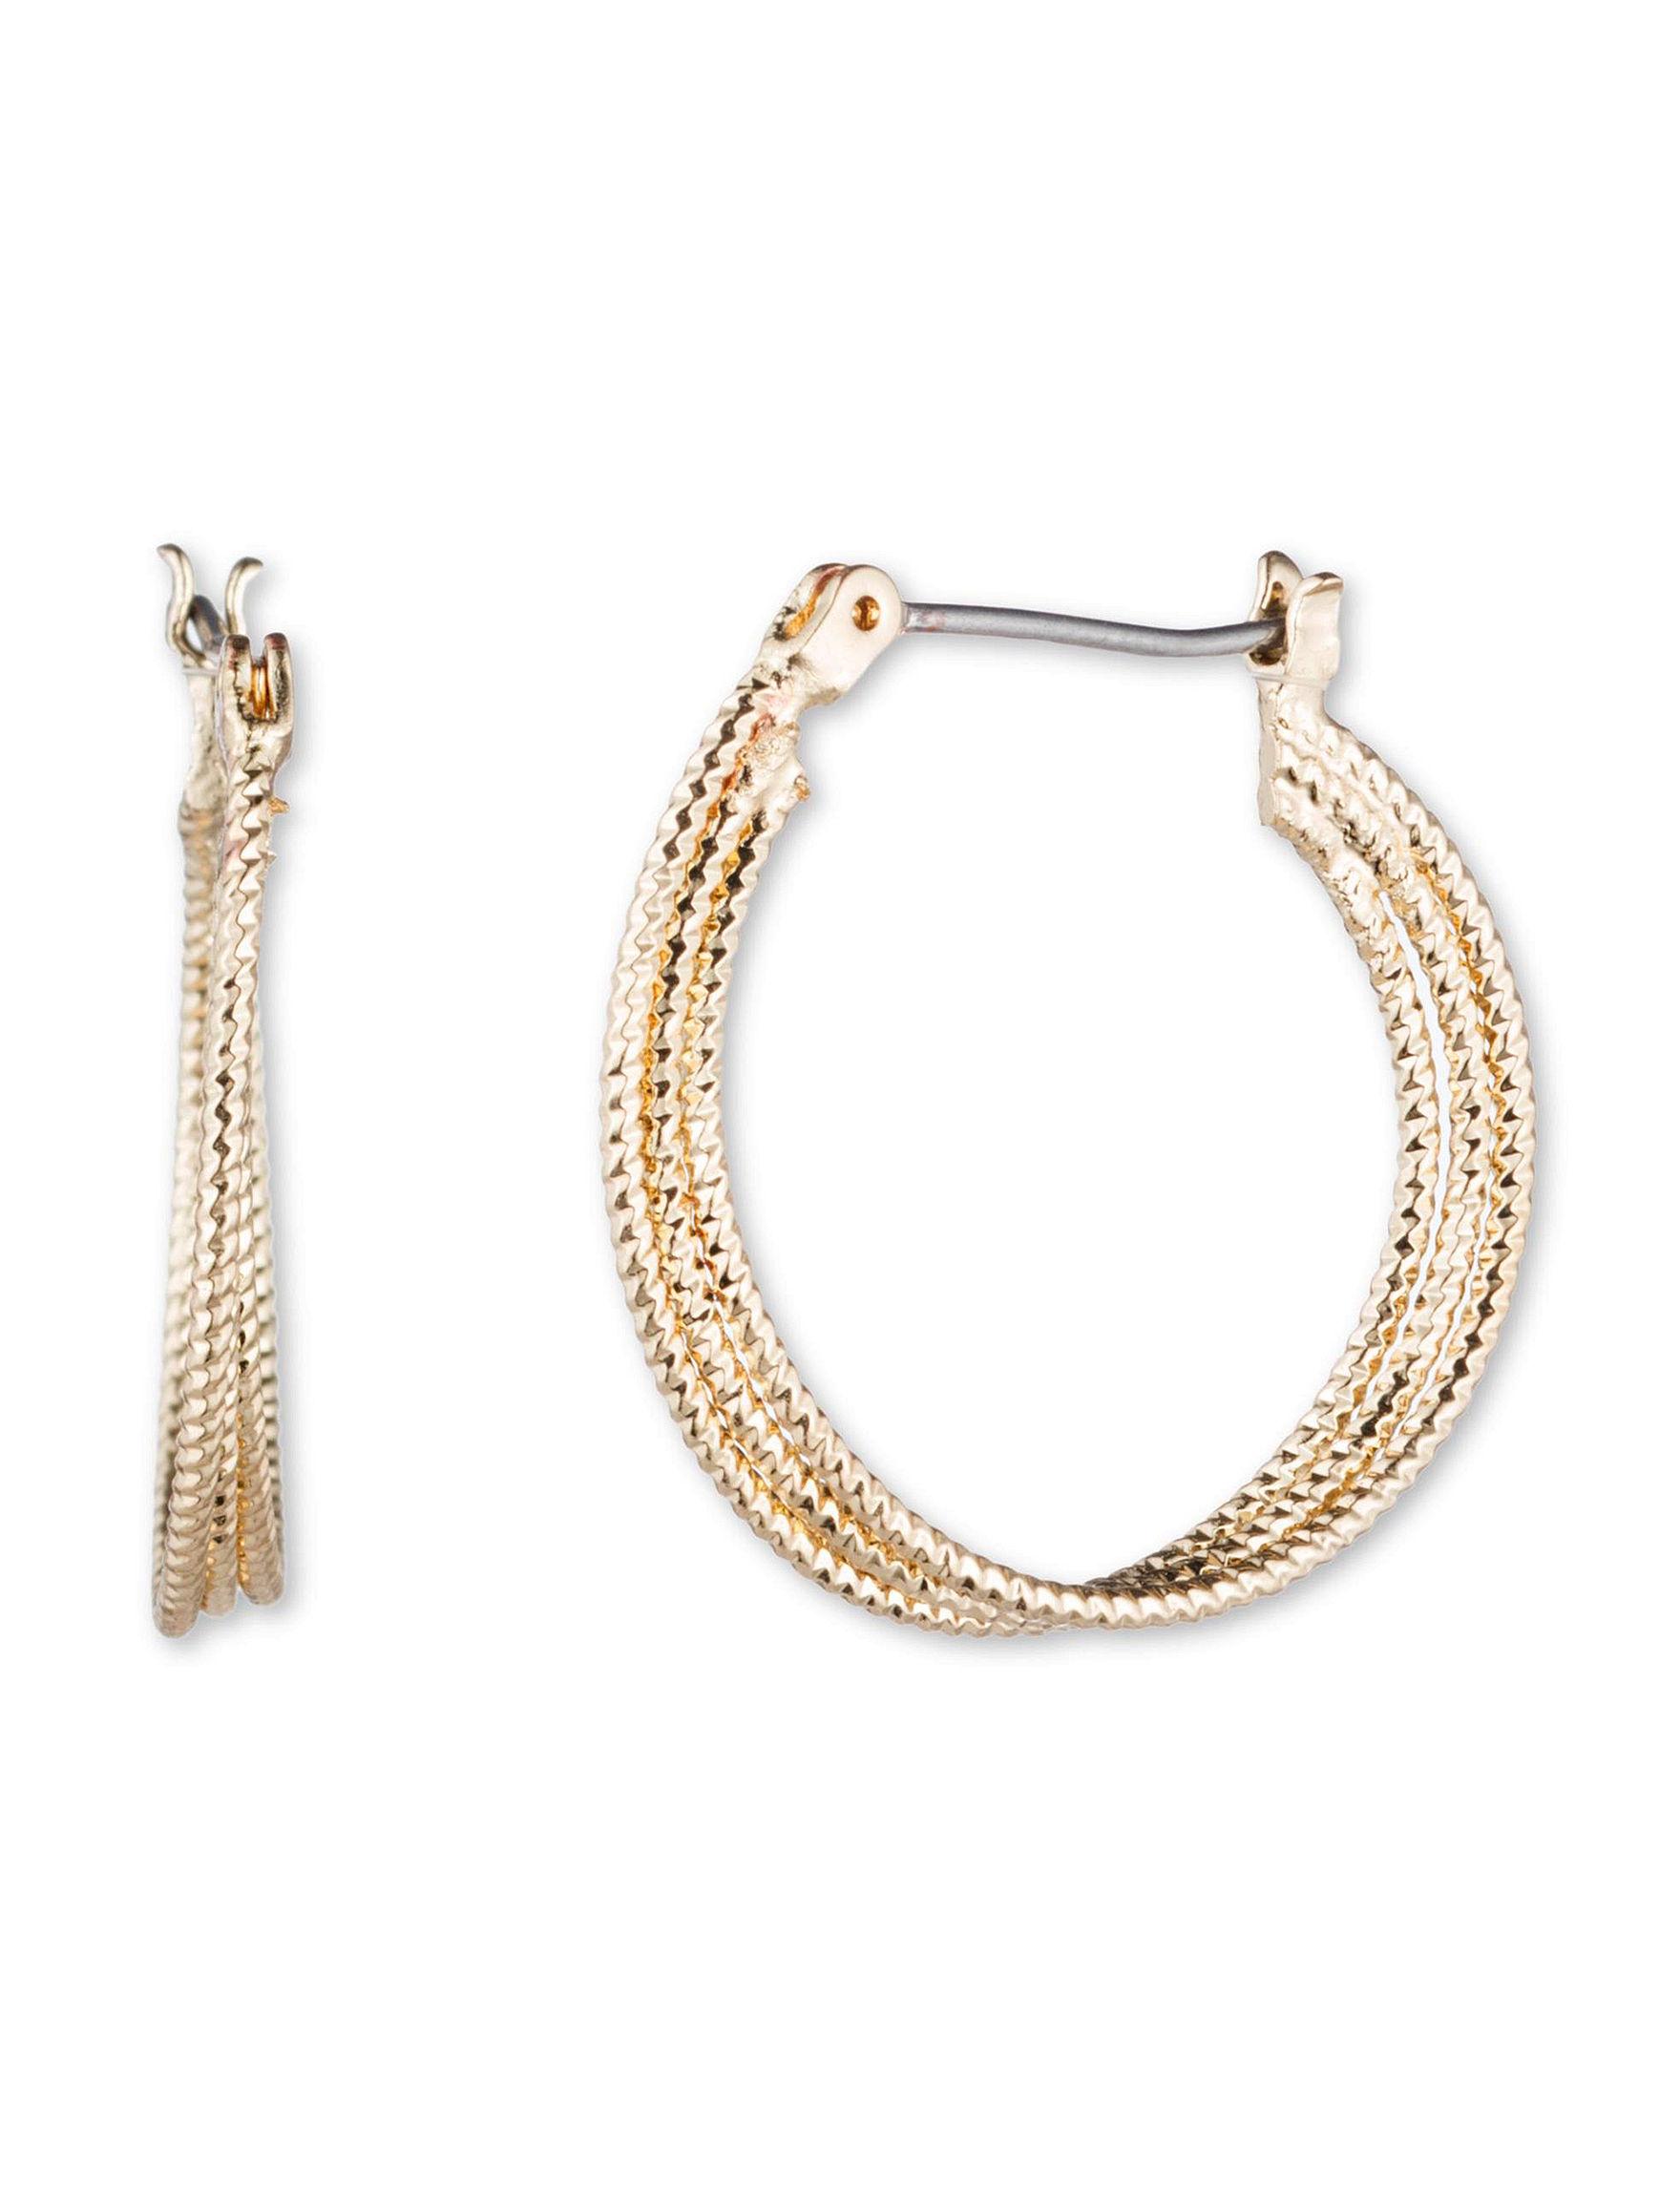 Nine West Gold Hoops Earrings Fashion Jewelry